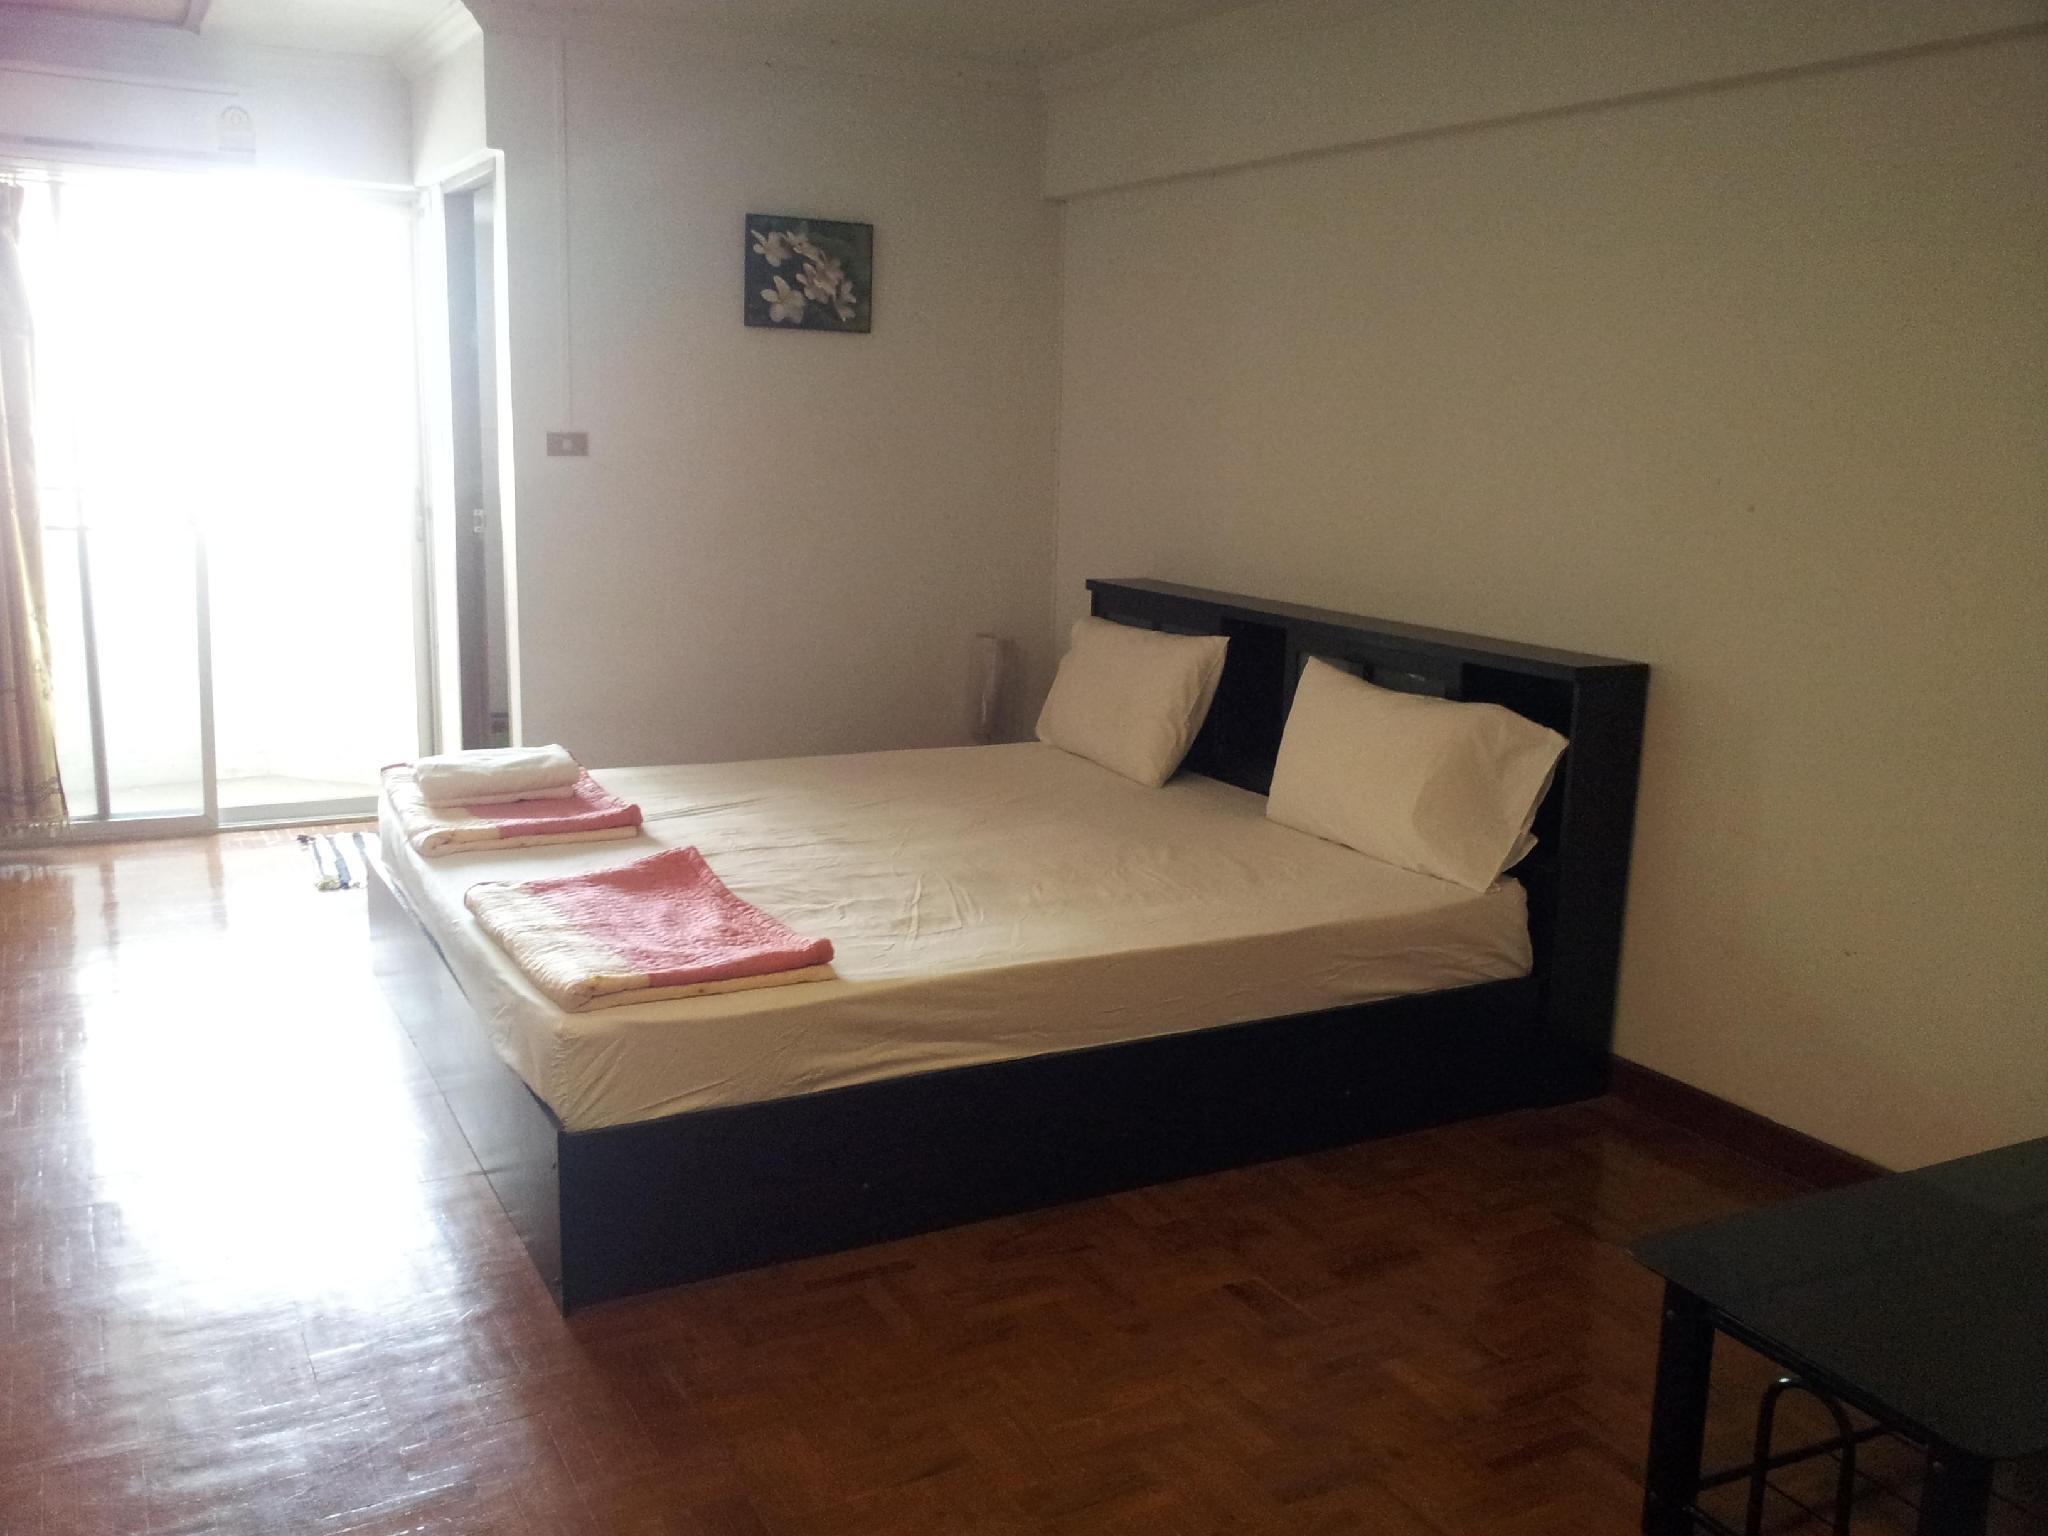 邦斯公寓式酒店-Krupaew,บางแสน คอนโดเทล บาย ครูแป๋ว